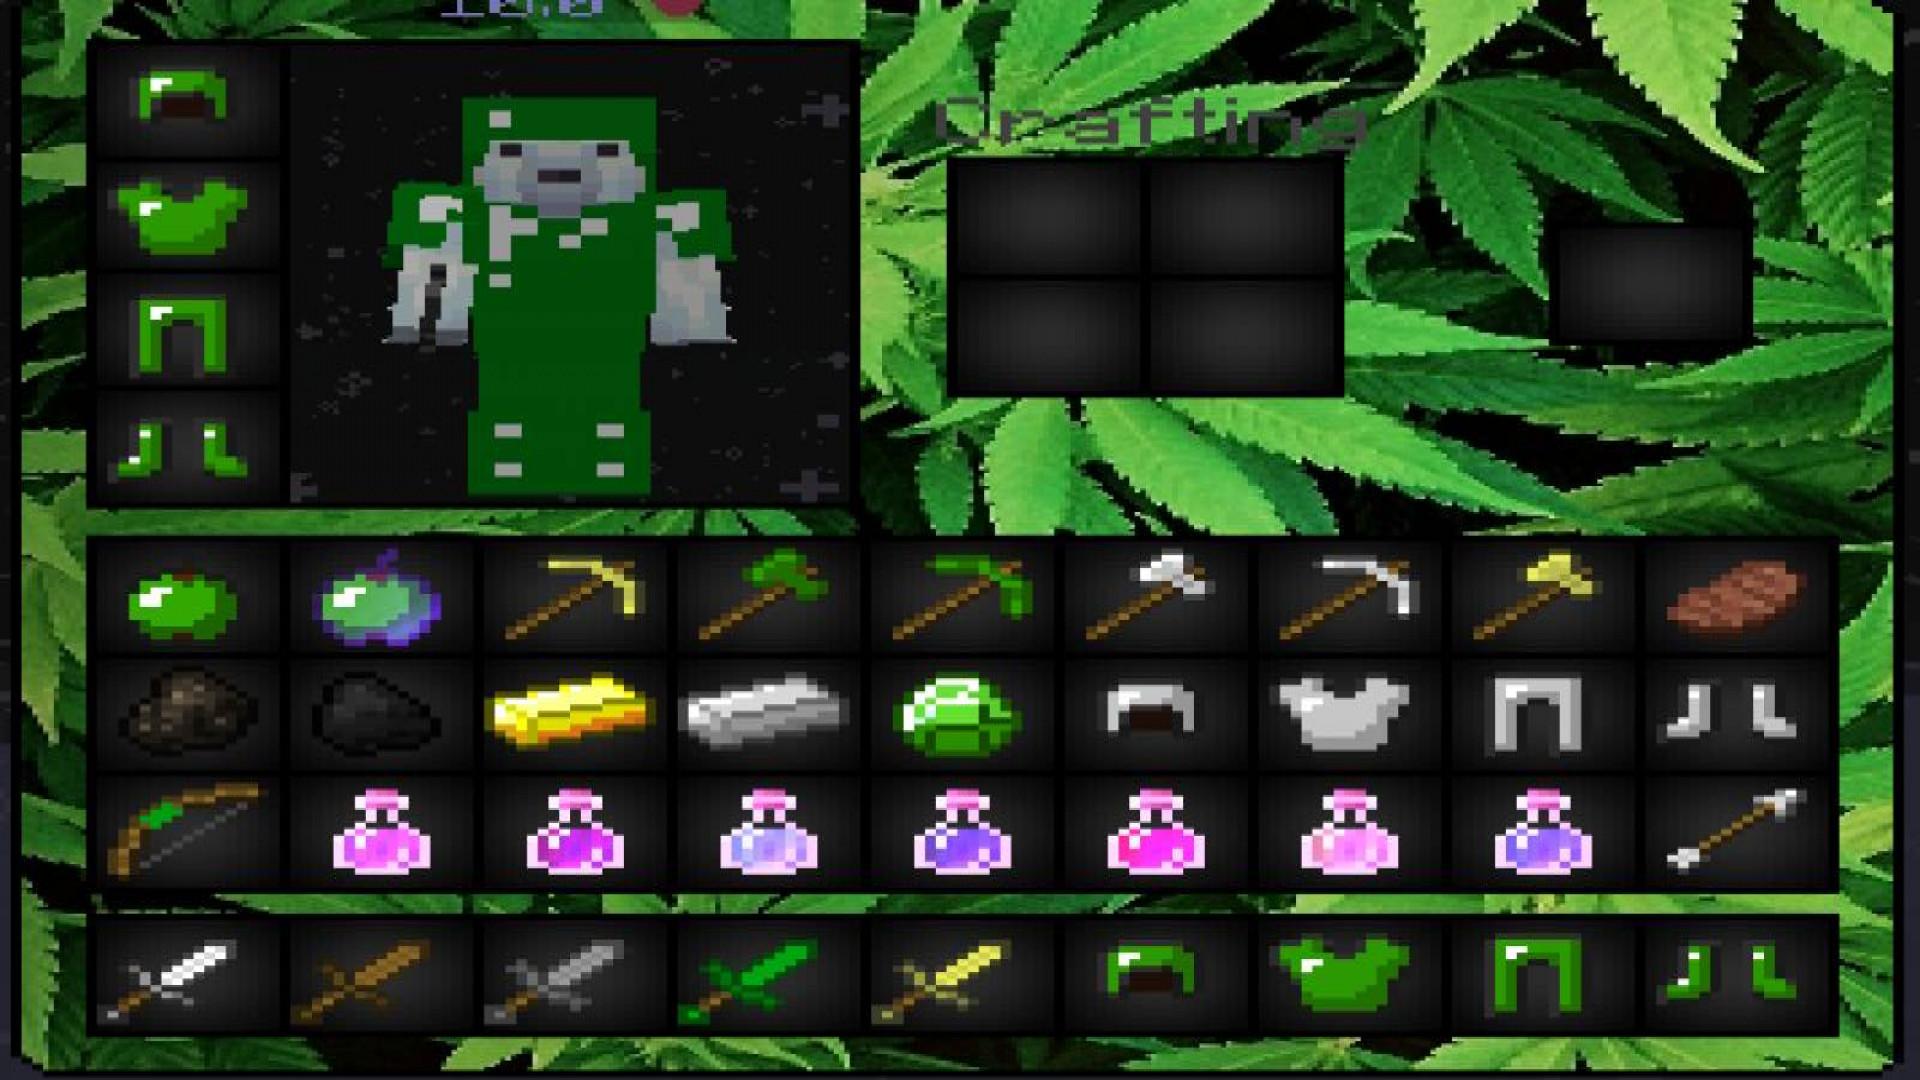 GreenDefault